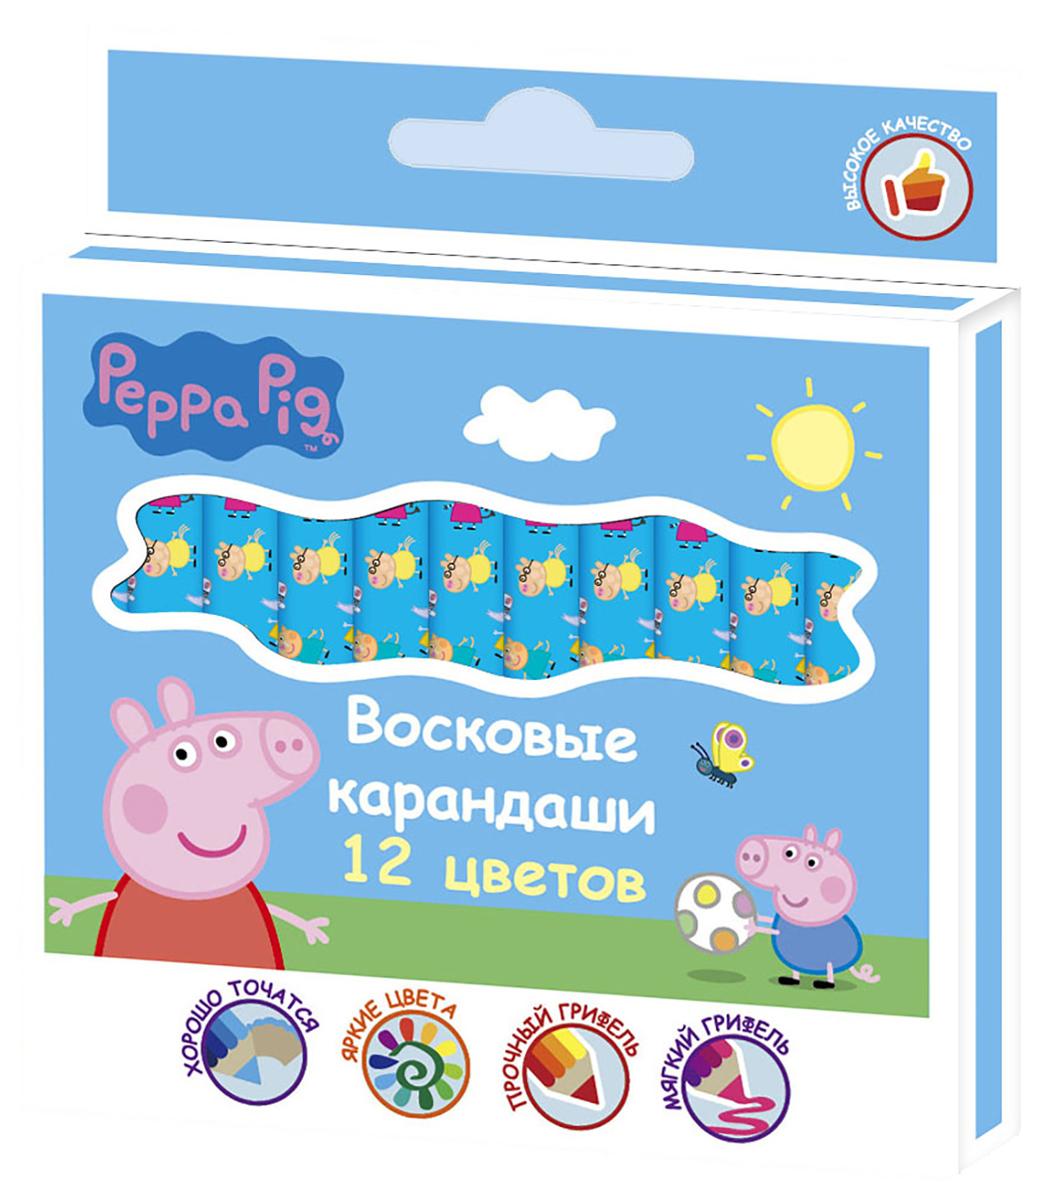 Peppa Pig Набор восковых карандашей Свинка Пеппа 12 цветов730396В набор ТМ Свинка Пеппа входит 12 восковых карандашей, которые благодаря своим ярким, насыщенным цветам идеально подходят для рисования, письма и раскрашивания. Индивидуальные бумажные упаковки с ярким принтом на каждом карандаше помогают им не выскальзывать из ладошки малыша, оставляя пальчики всегда чистыми. Карандаши мягкие и одновременно прочные, что обеспечивает яркость линий без сильного нажима и легкое затачивание.Диаметр карандаша: 0,8 см; длина: 9 см. Состав: воск, бумага.